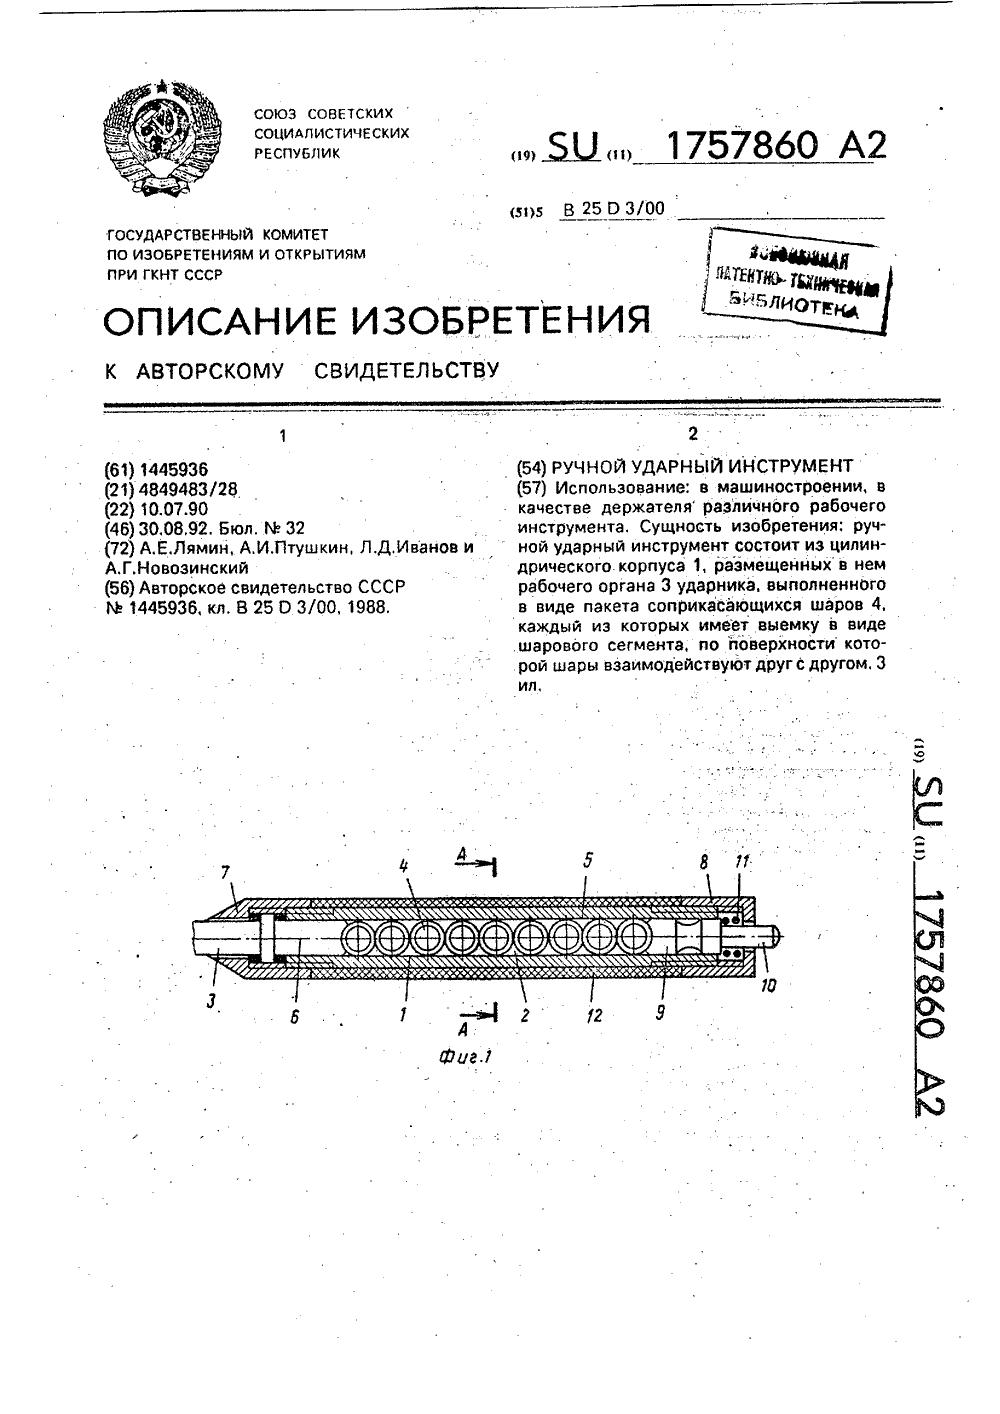 Ручной ударный инструмент - TRUPER